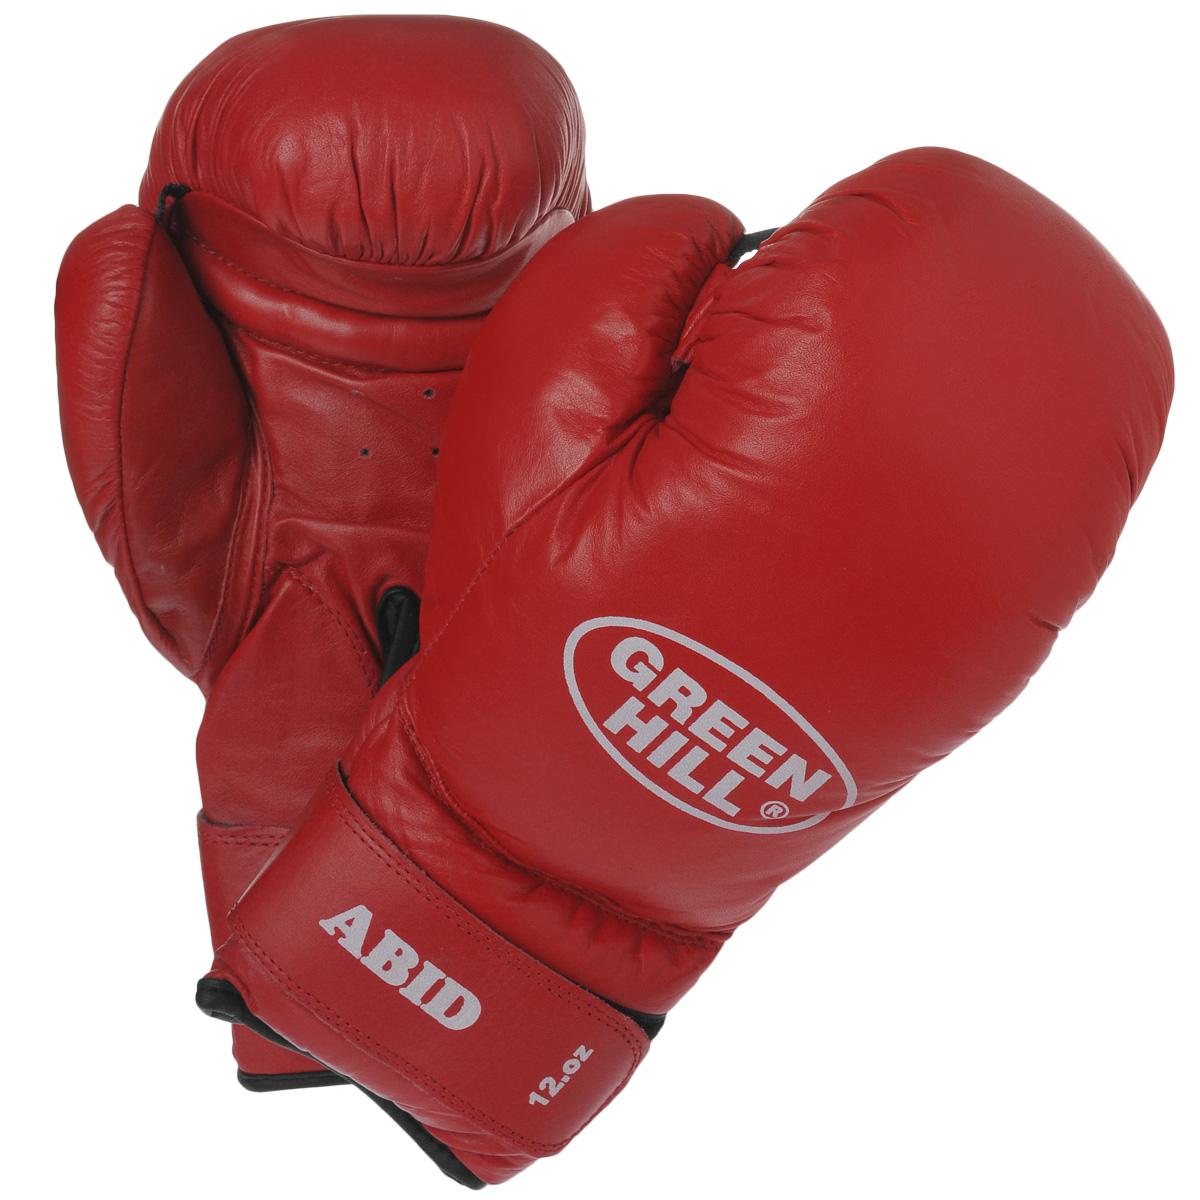 Перчатки боксерские Green Hill Abid, цвет: красный. Вес 12 унцийAIRWHEEL M3-162.8Боксерские тренировочные перчатки Green Hill Abid выполнены из натуральной кожи. Они отлично подойдут для начинающих спортсменов. Мягкий наполнитель из очеса предотвращает любые травмы. Широкий ремень, охватывая запястье, полностью оборачивается вокруг манжеты, благодаря чему создается дополнительная защита лучезапястного сустава от травмирования. Застежка на липучке способствует быстрому и удобному одеванию перчаток, плотно фиксирует перчатки на руке.